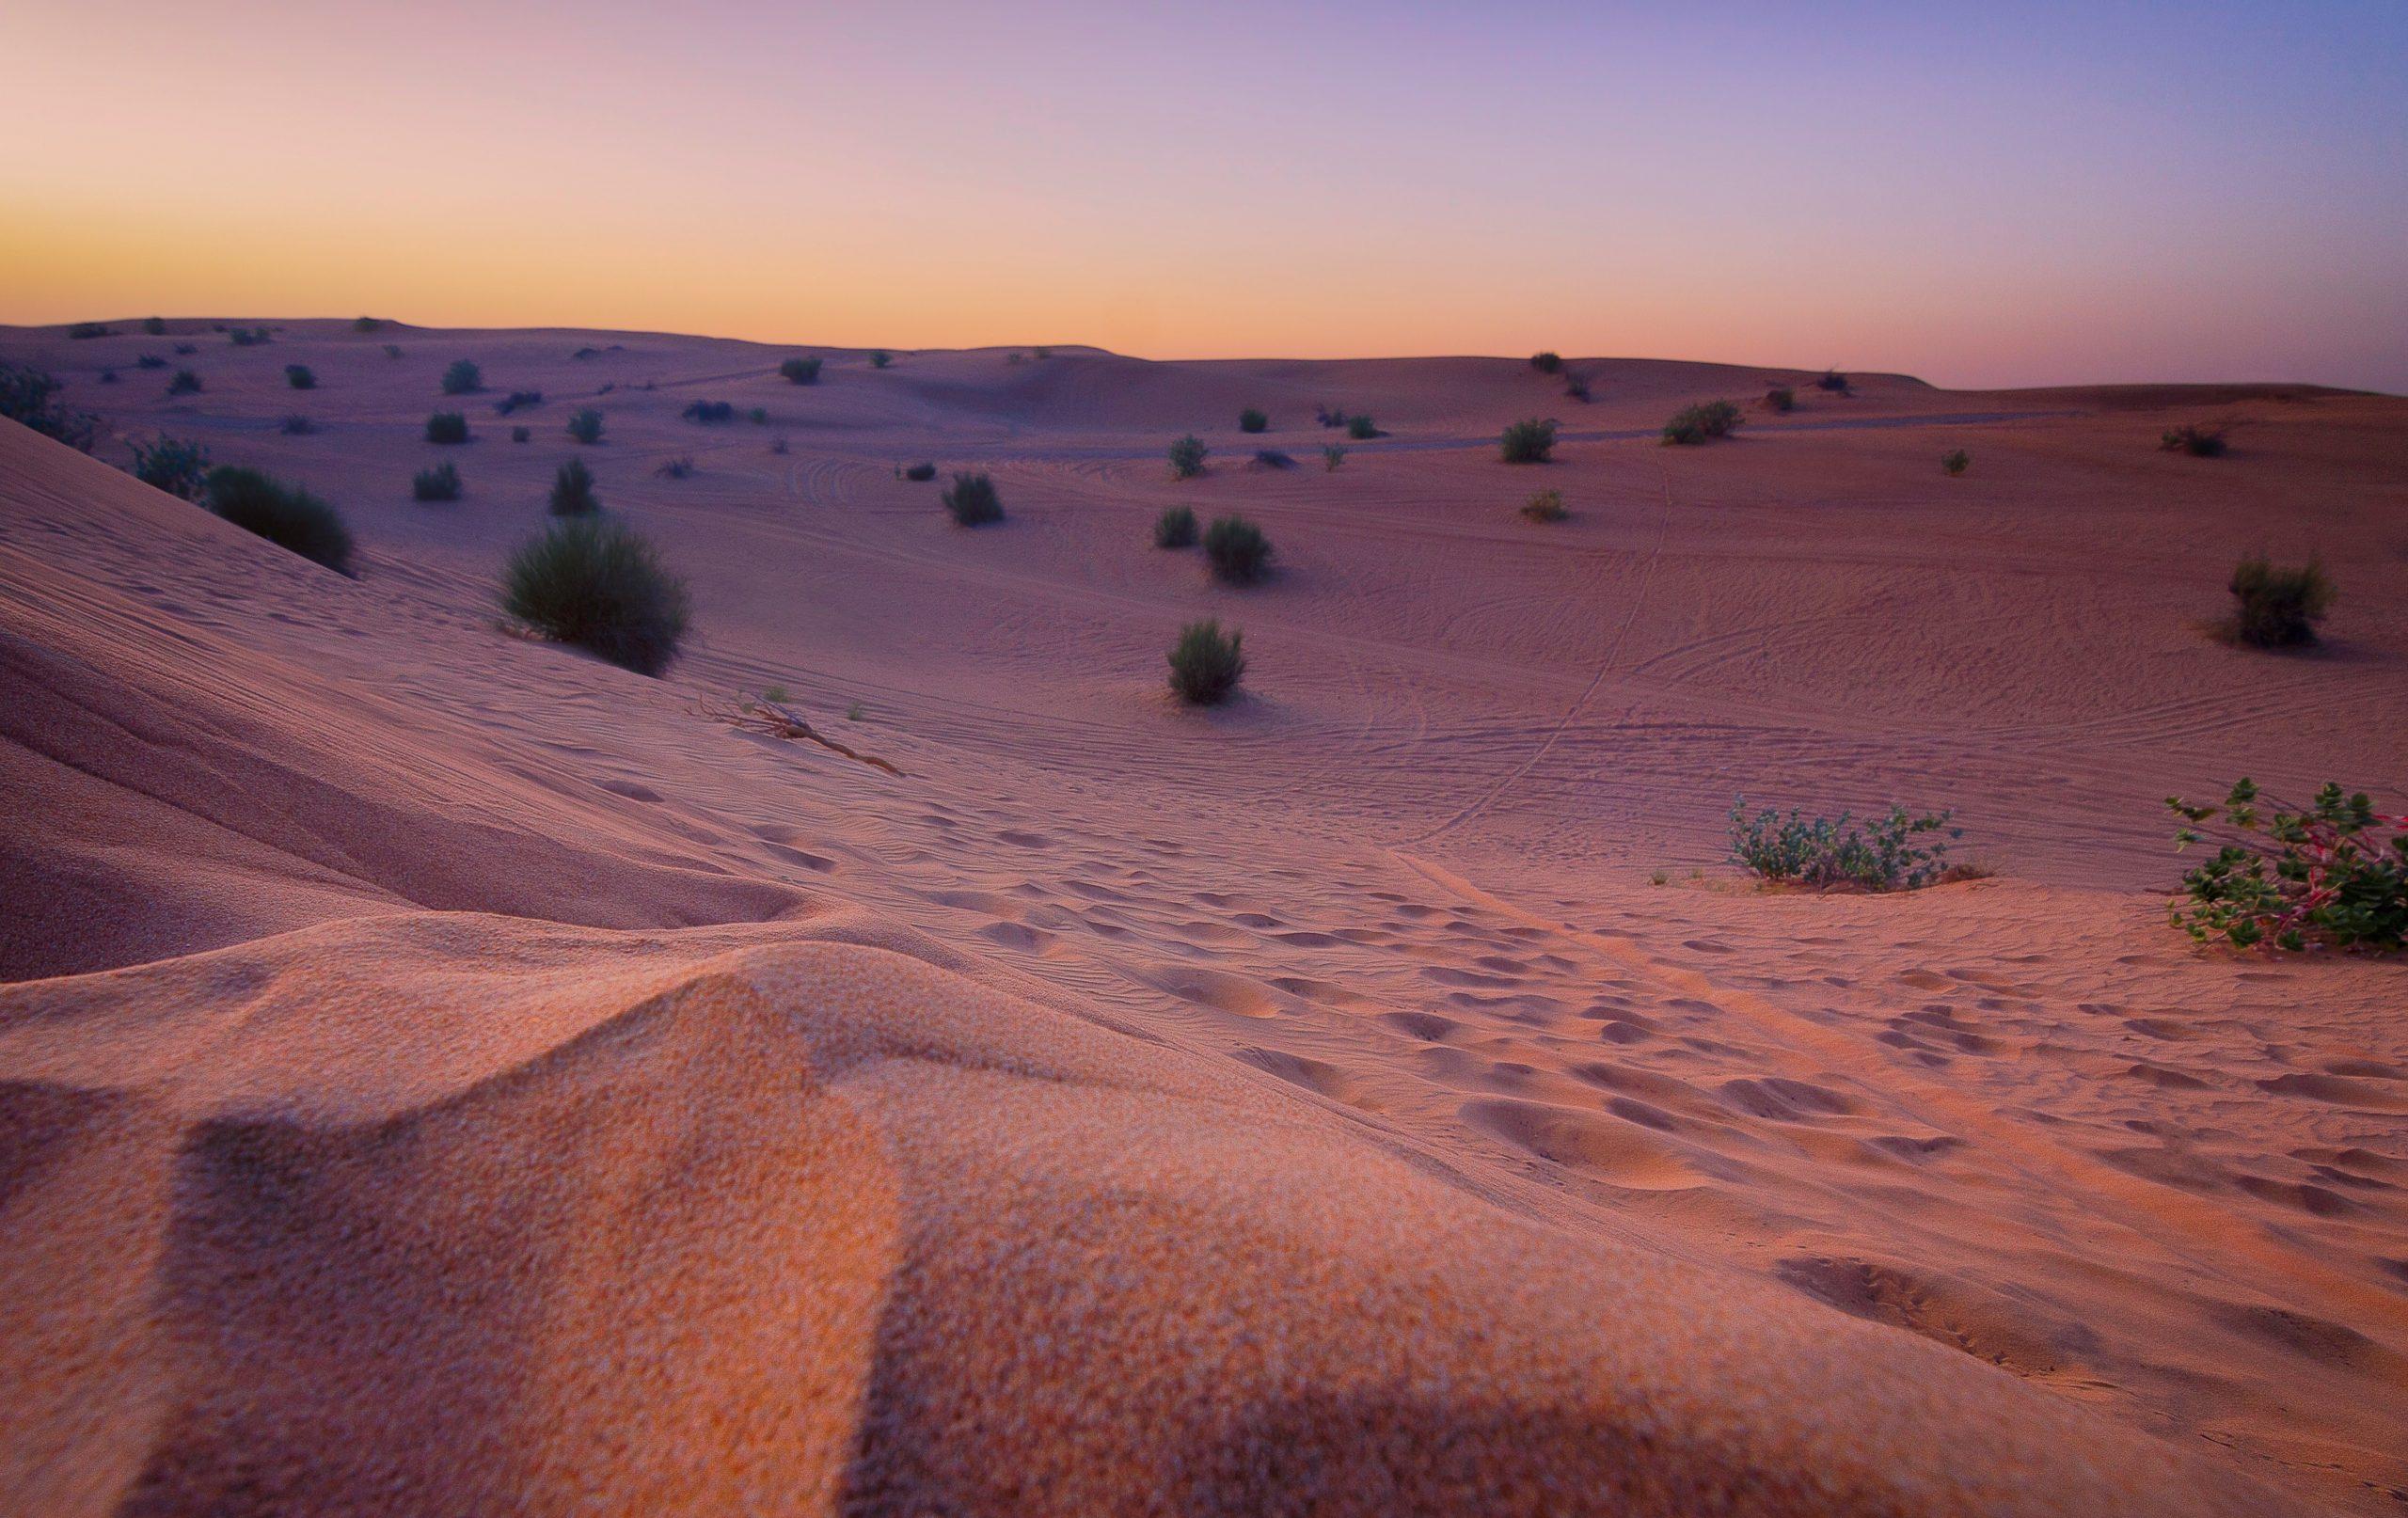 Rigidly Dry Transcendental Desert Beauty